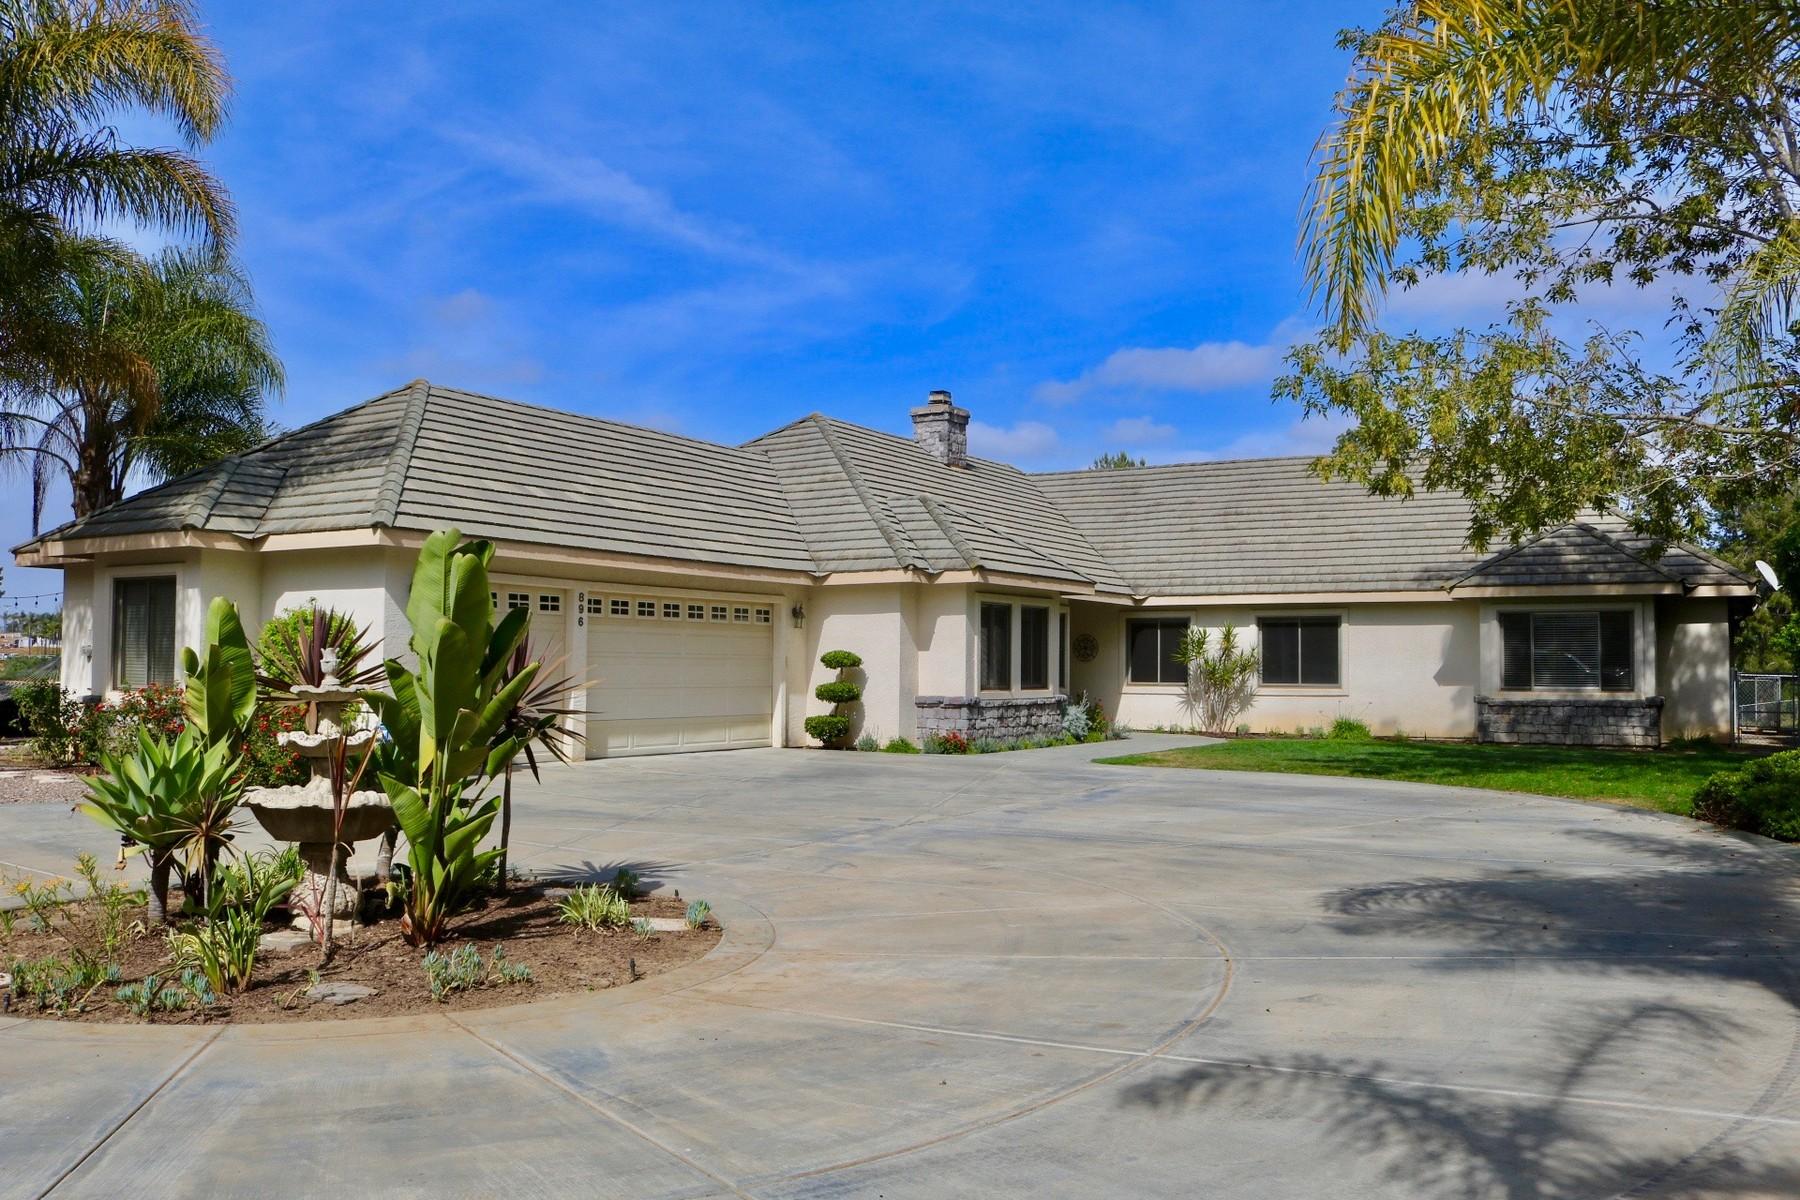 Maison unifamiliale pour l Vente à 896 Burma Road Fallbrook, Californie 92028 États-Unis